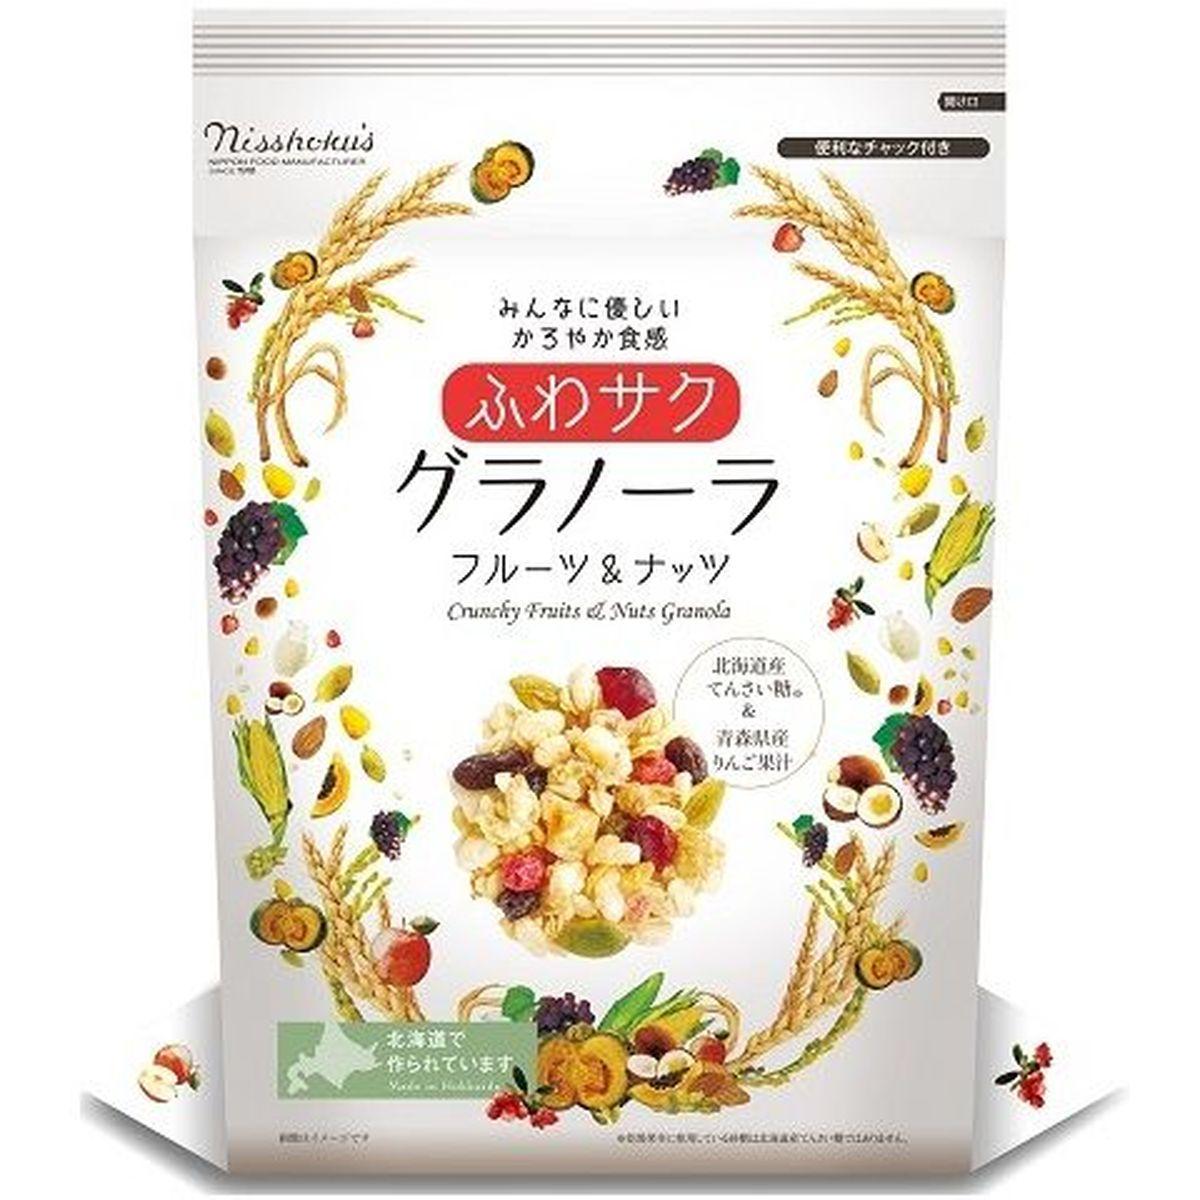 【送料無料】日本食品製造 日食 ふわサクフルーツ&ナッツグラノーラ 240g x4